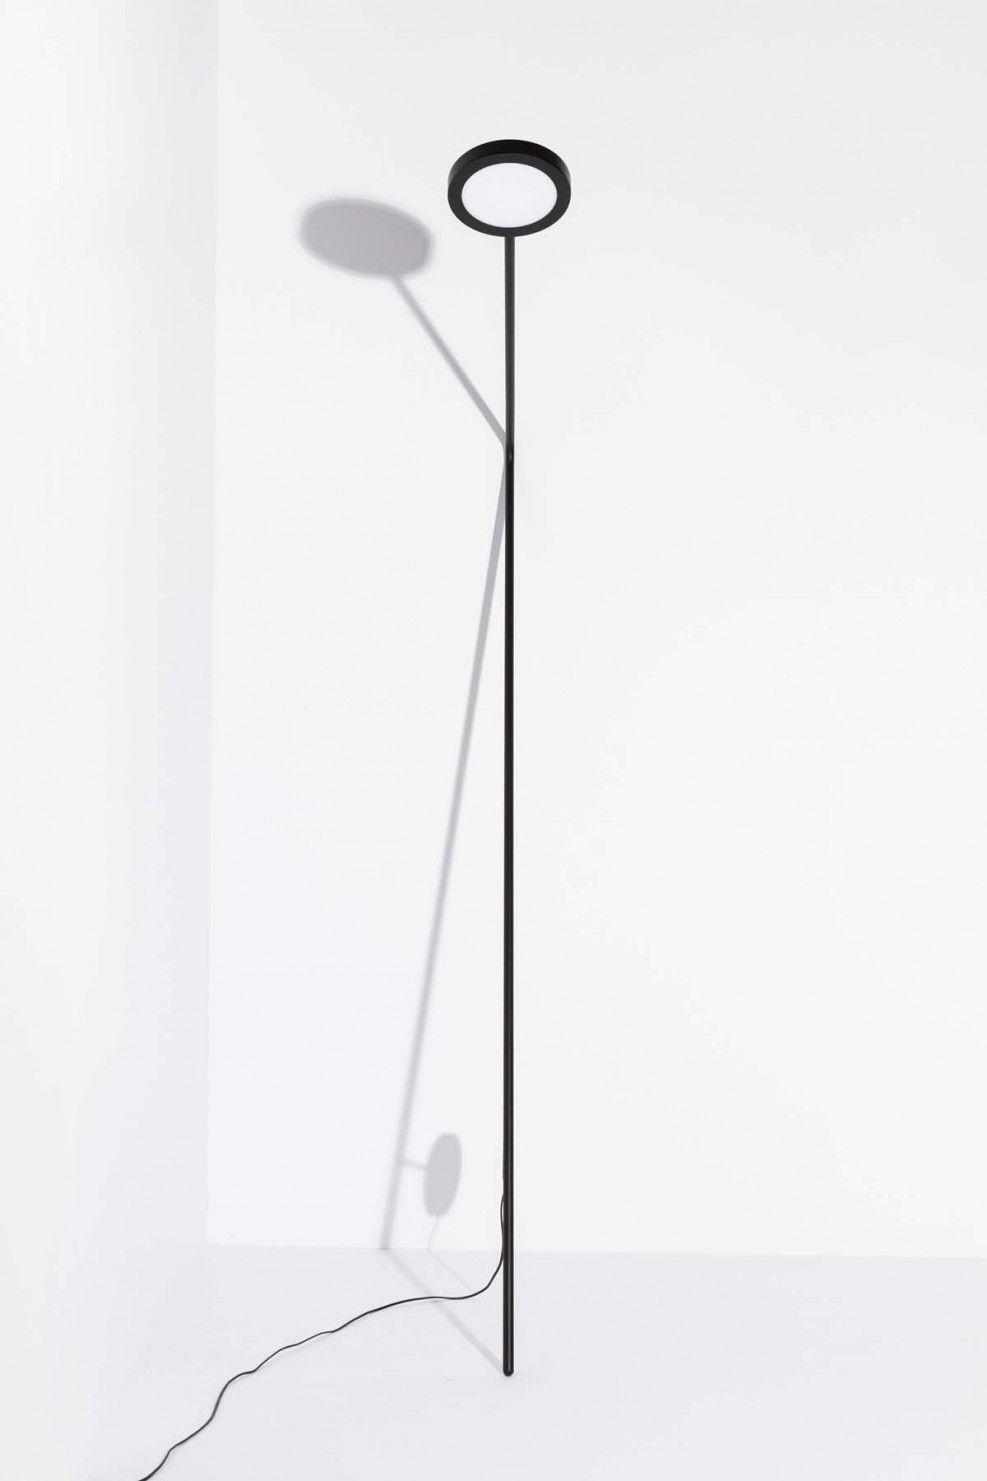 Lampe En Equilibre Lot Par Le Studio De Design Fools Gold Journal Du Design Lampe Studio De Design Design